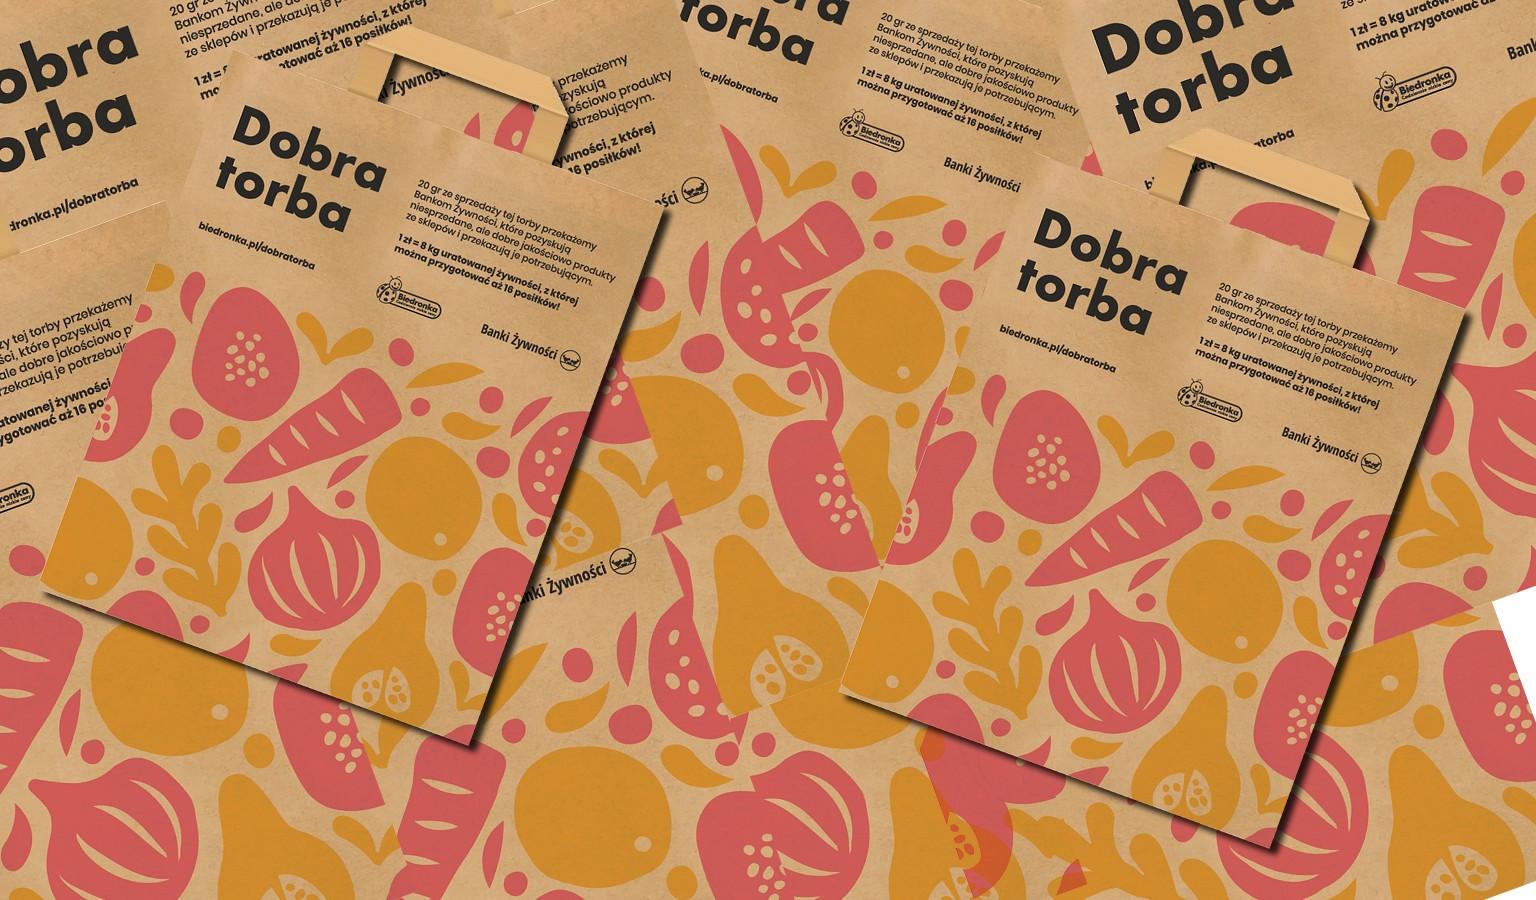 Papierowe torby w Biedronce. Część dochodu dla Banków Żywności